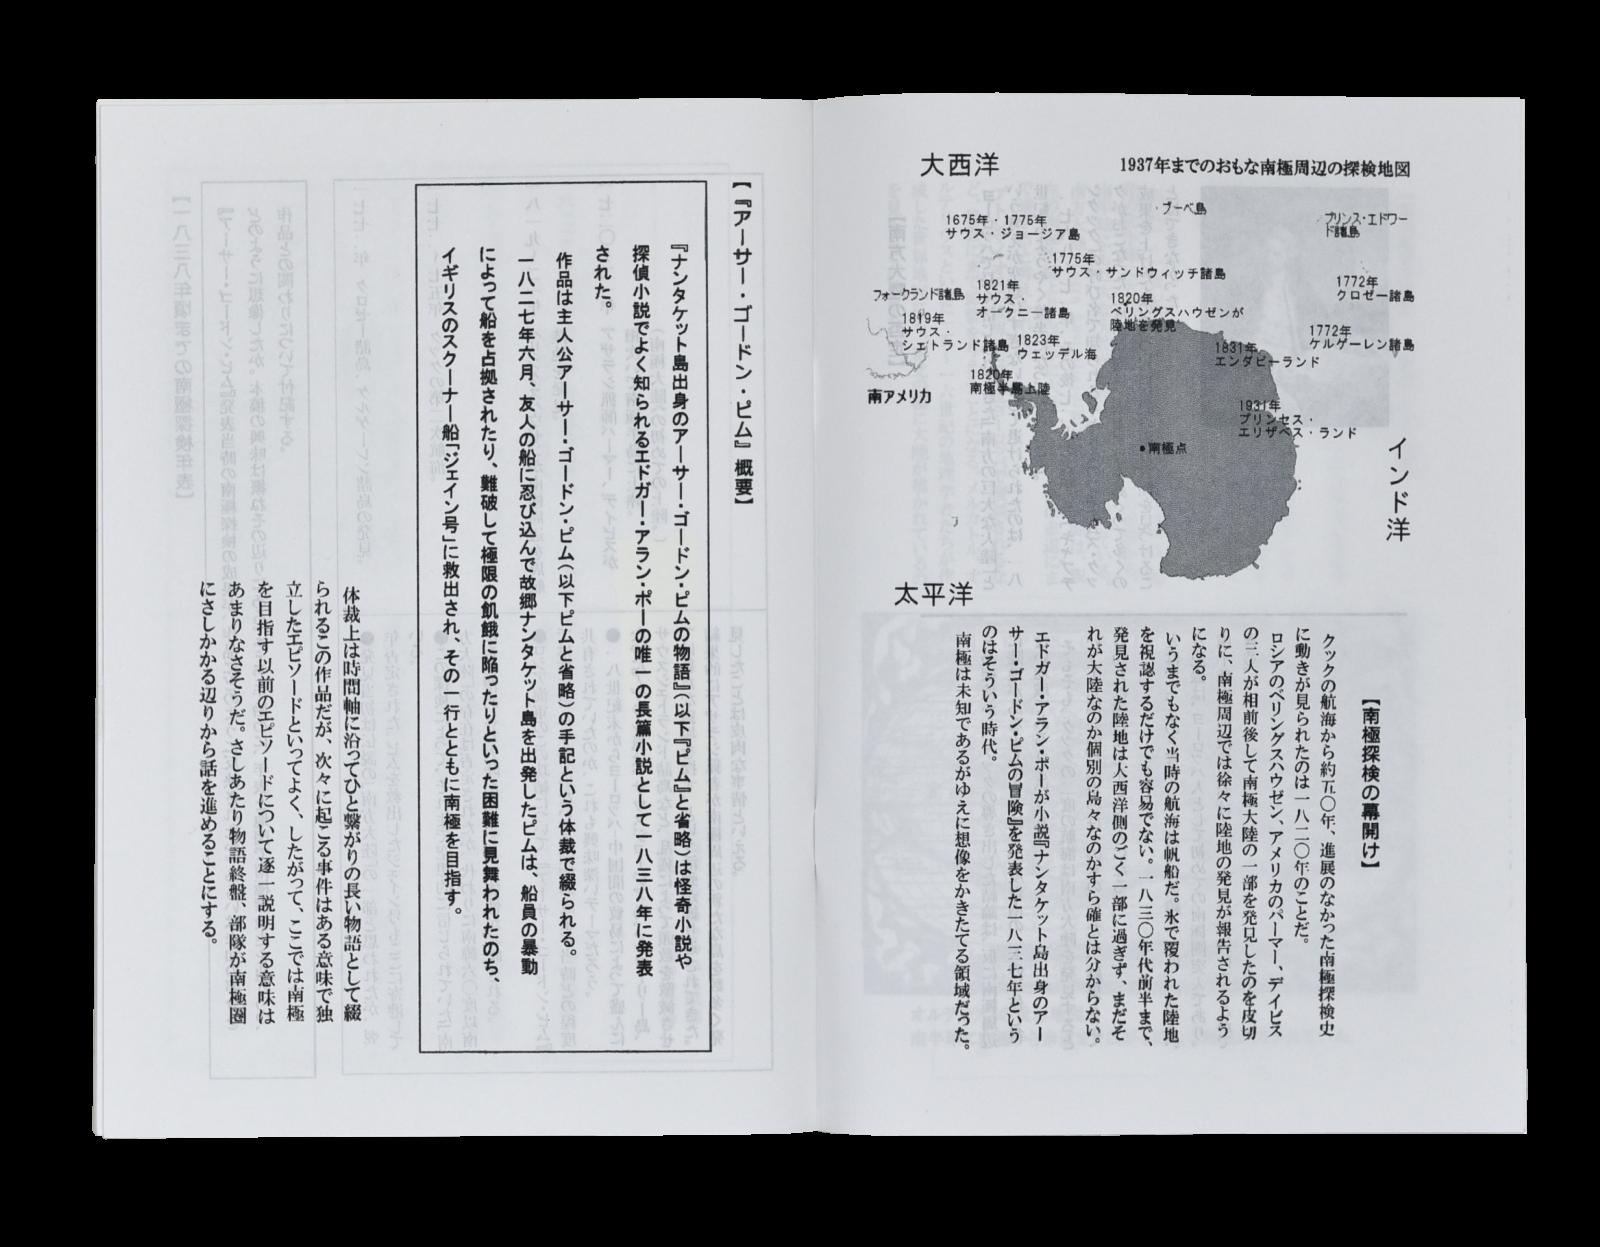 南極は大陸として認識されていつつ、ほとんどが未知の領域だった。